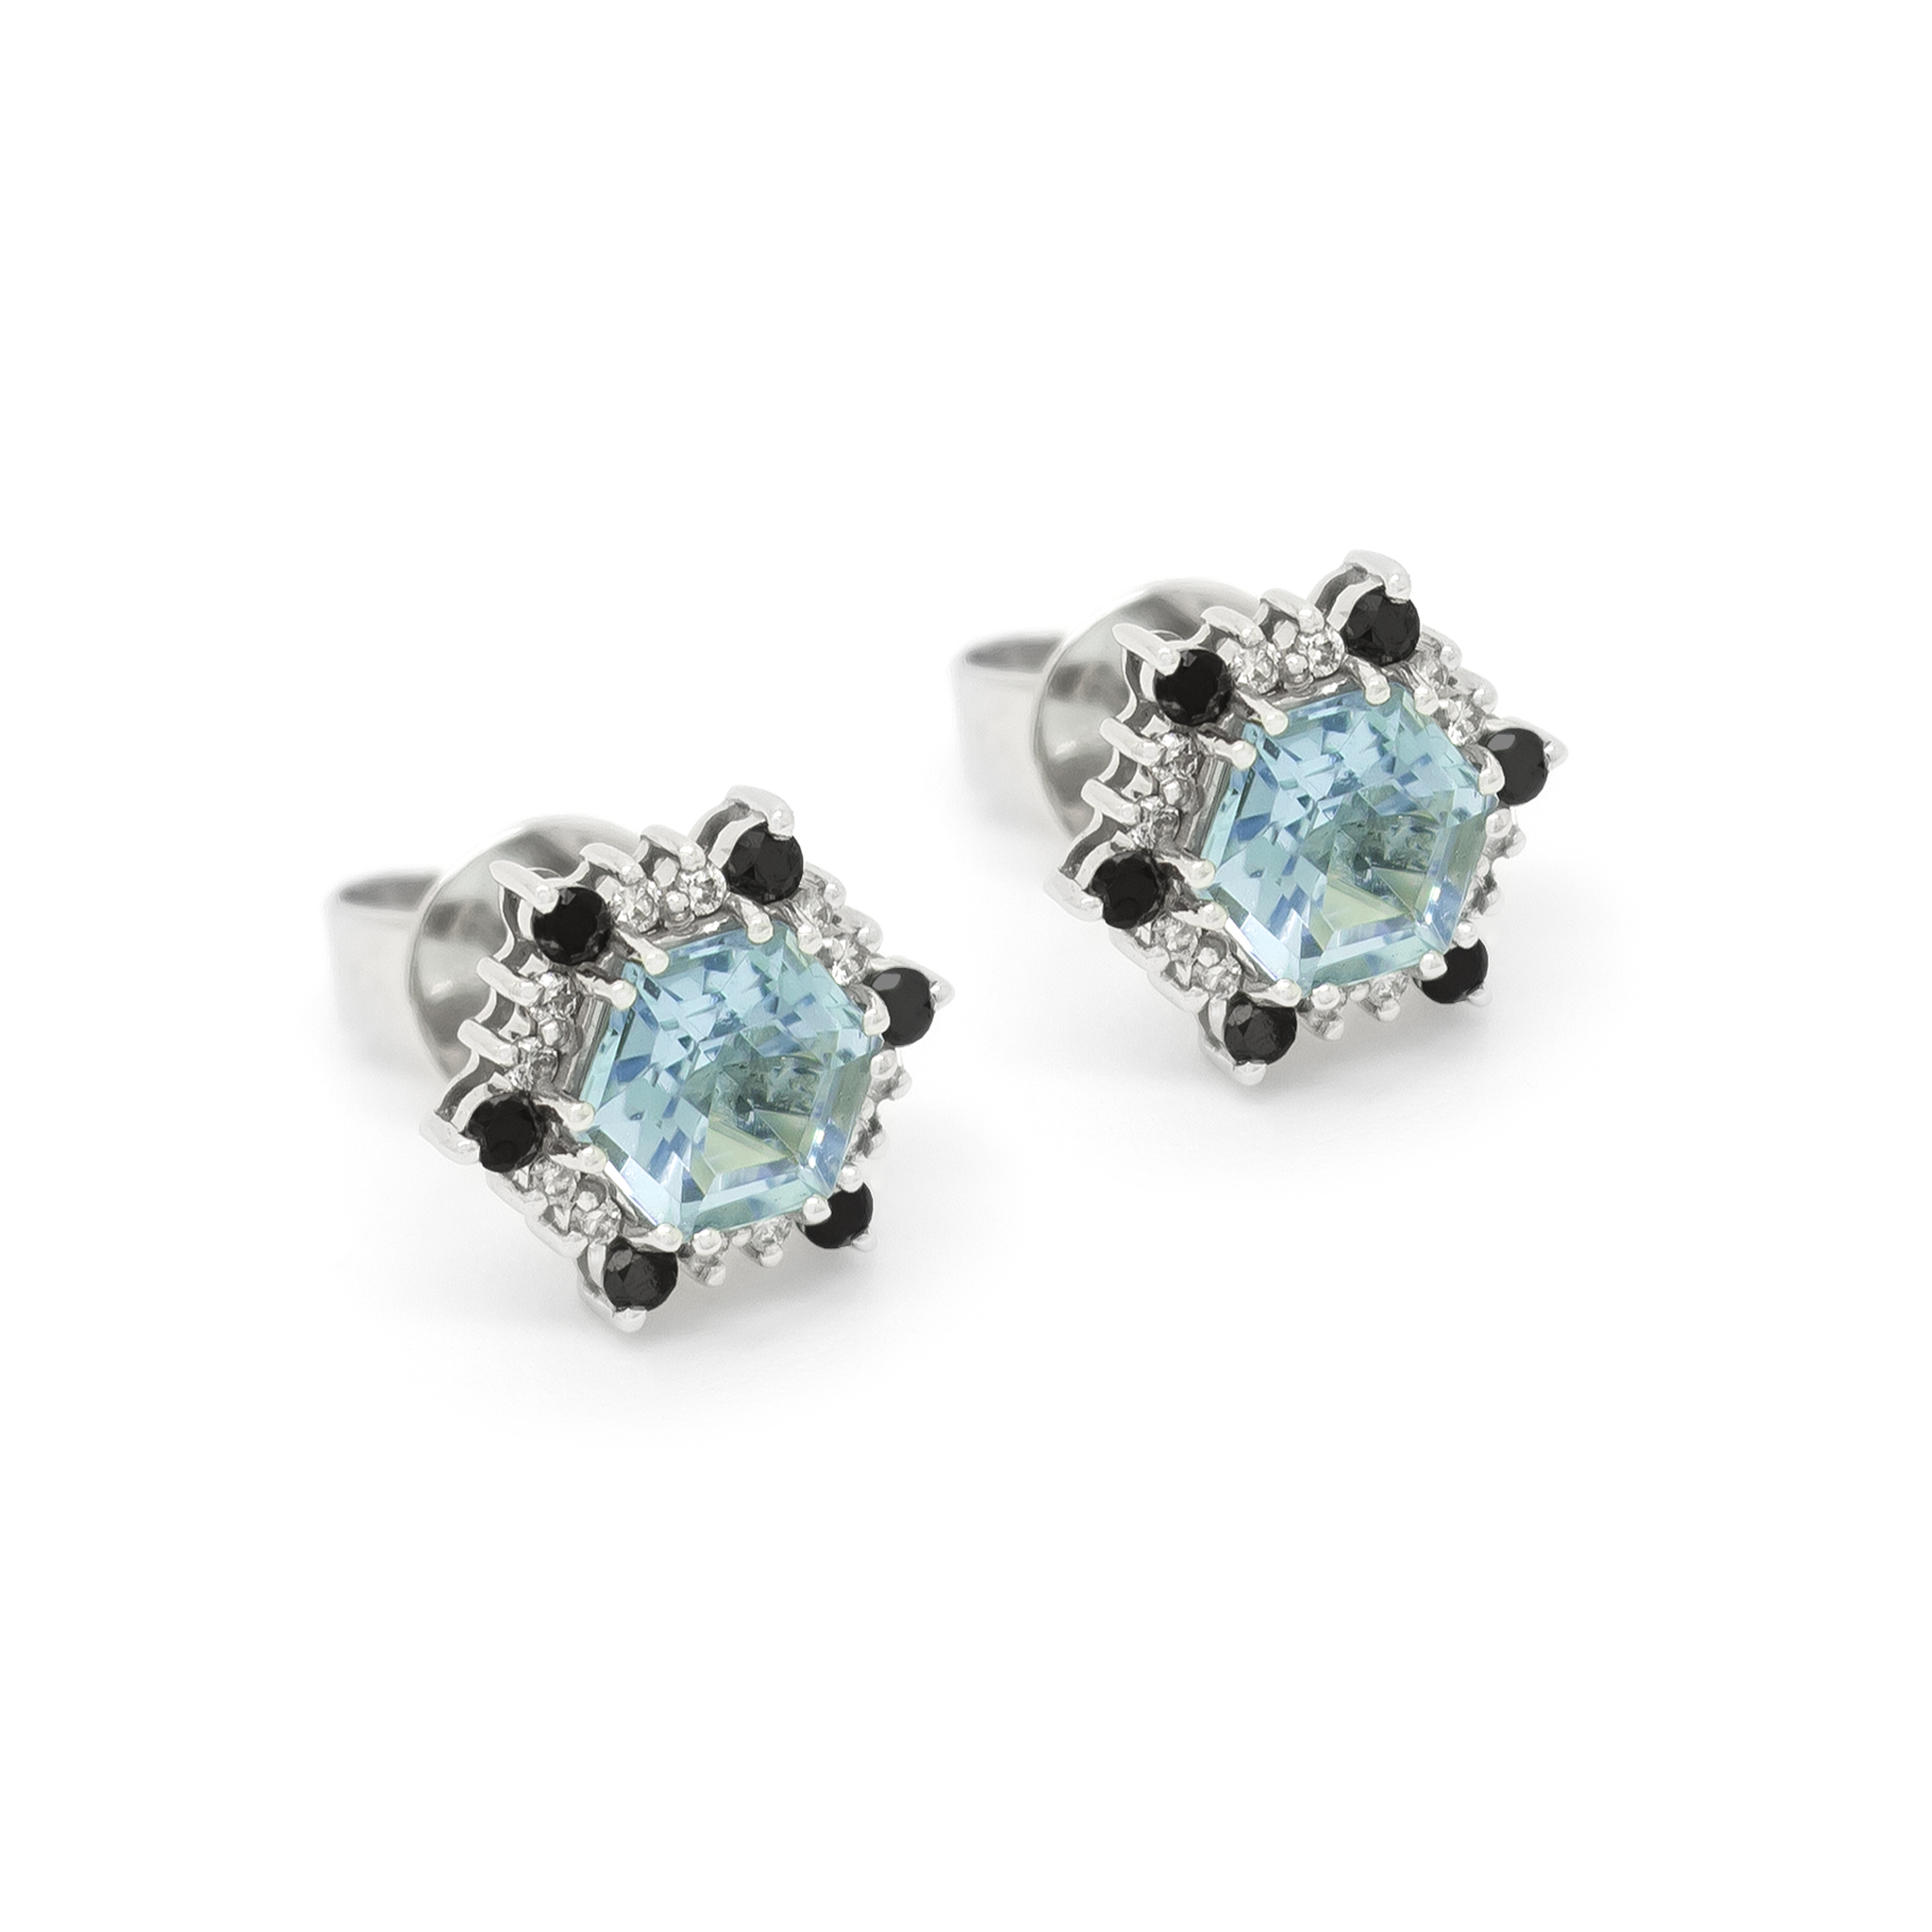 Aquamarine and Black Diamond Earstuds